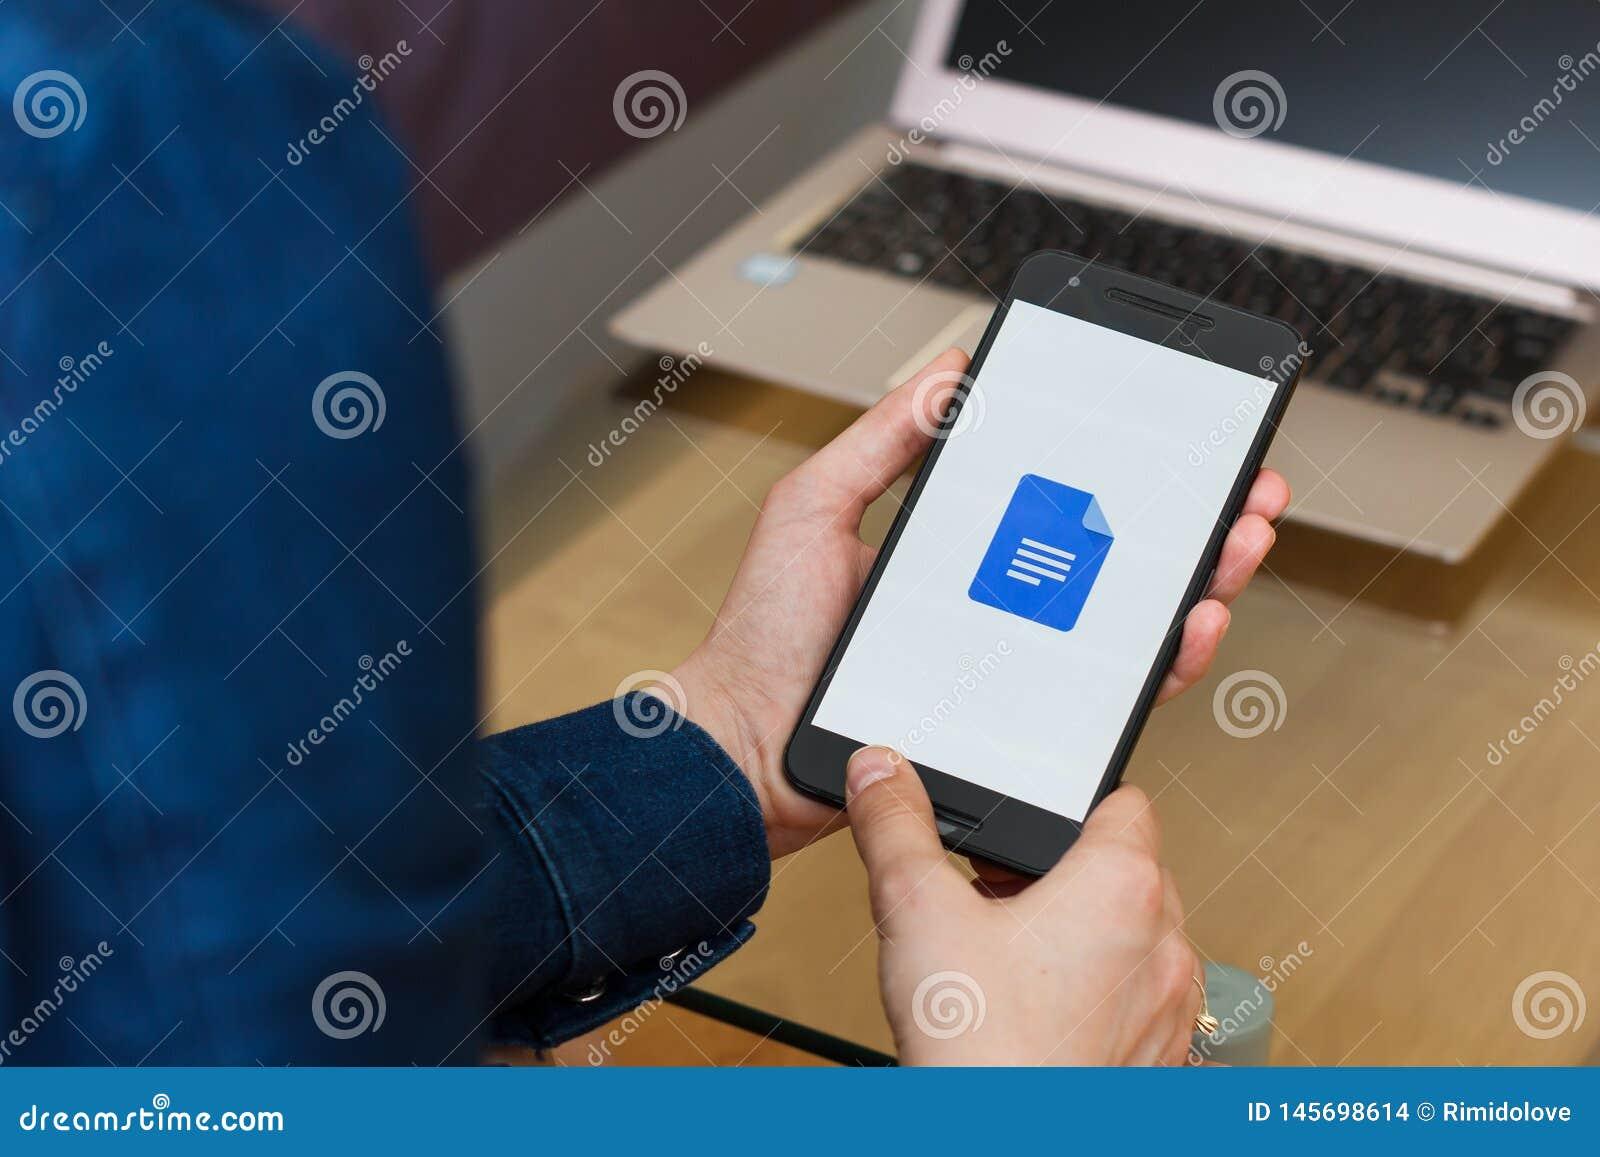 САН-ФРАНЦИСКО, США - 22-ое апреля 2019: Конец до женских рук держа смартфон используя применение Google Docs, Сан-Франциско,